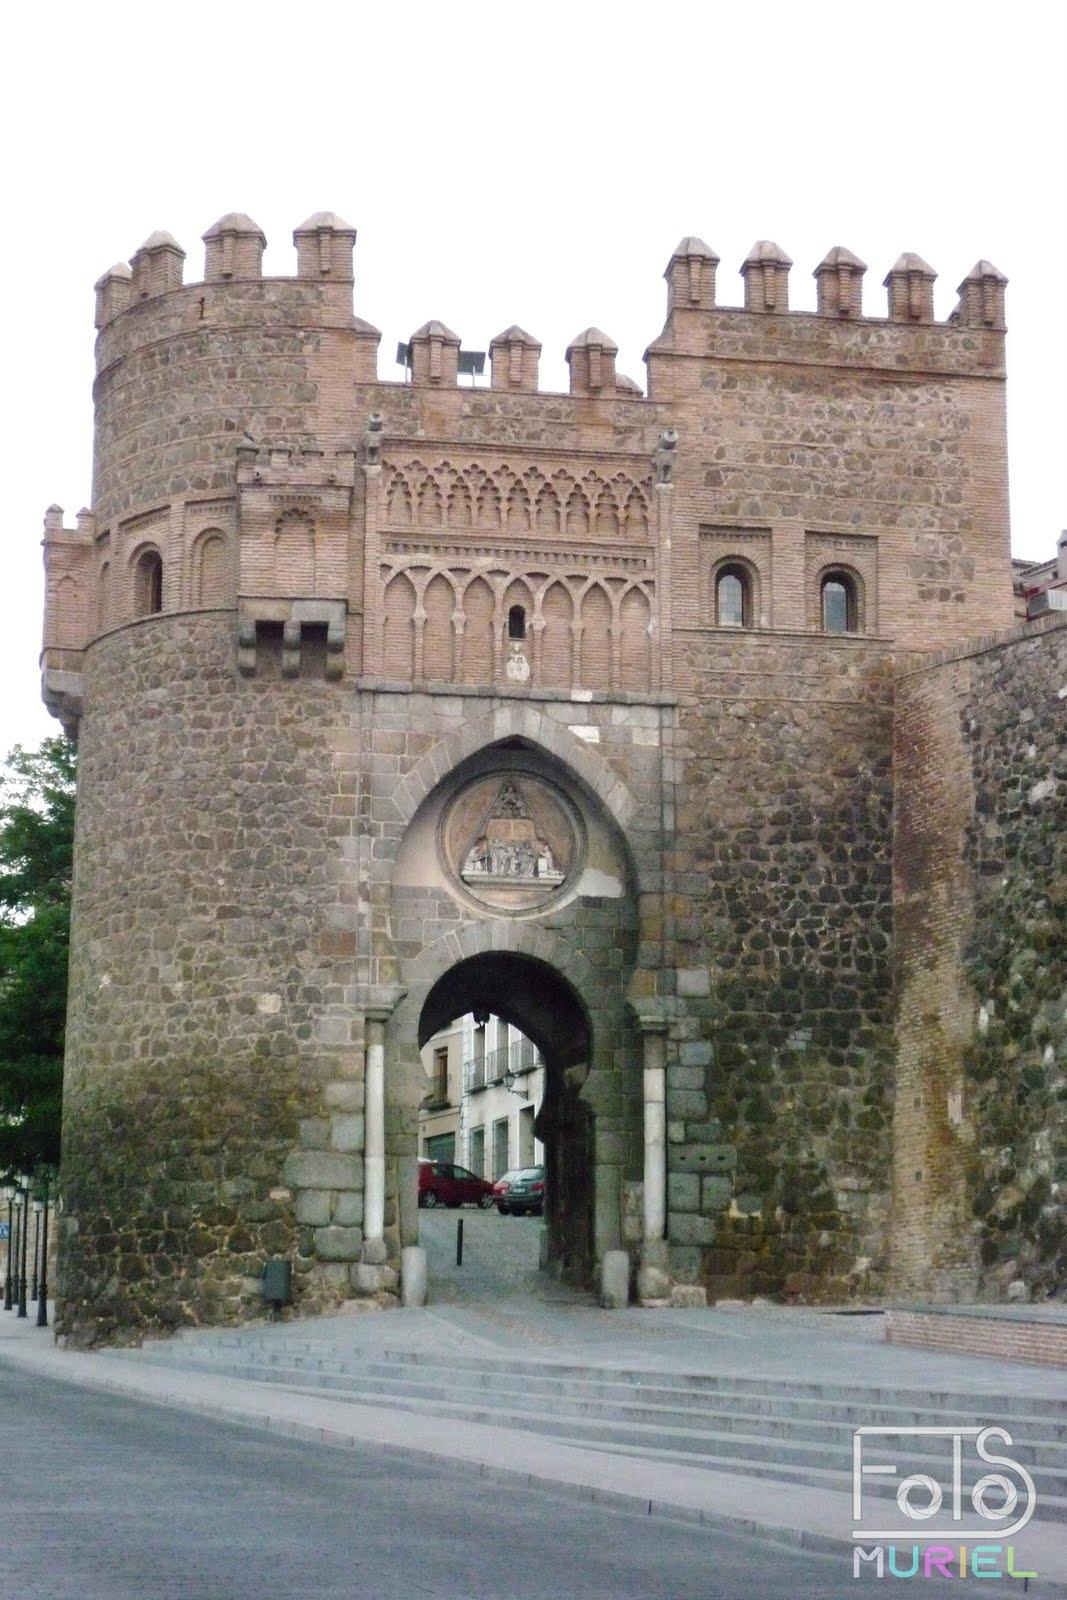 Fotos muriel puerta del sol toledo for Puerta del sol 3